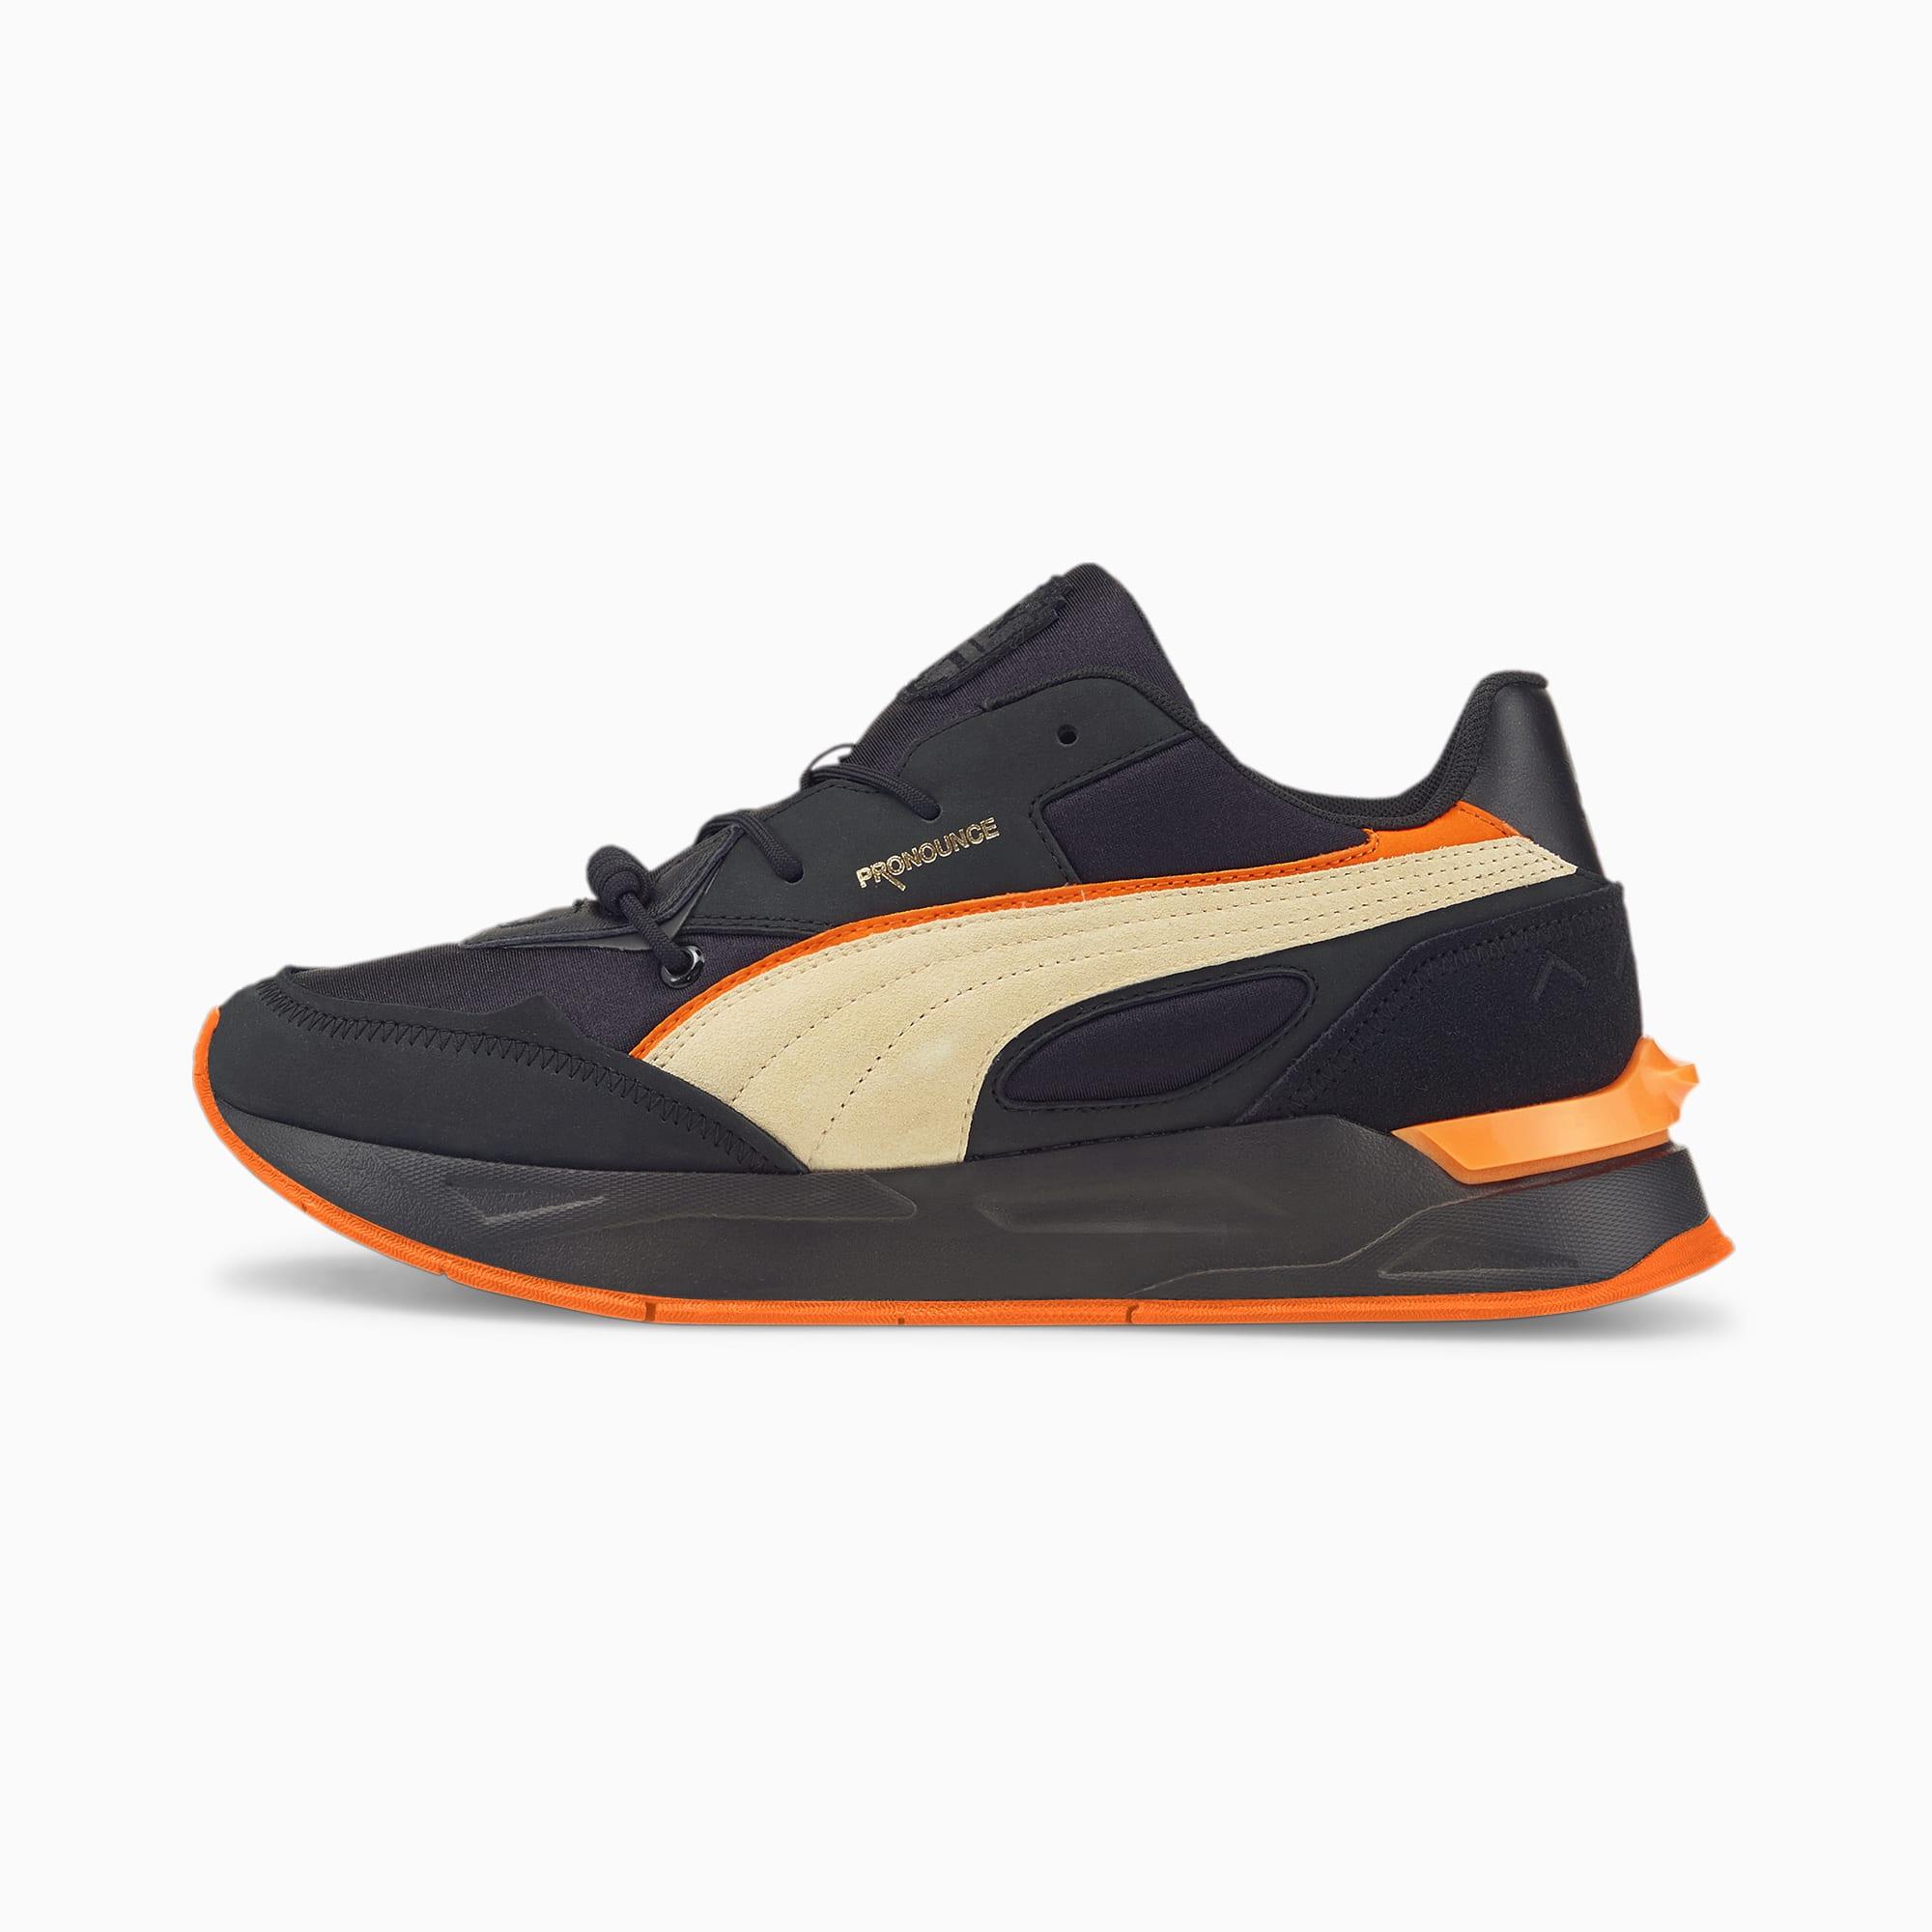 PUMA x PRONOUNCE Mirage Sport Sneaker Schuhe | Mit Aucun | Schwarz/Beige | Größe: 37